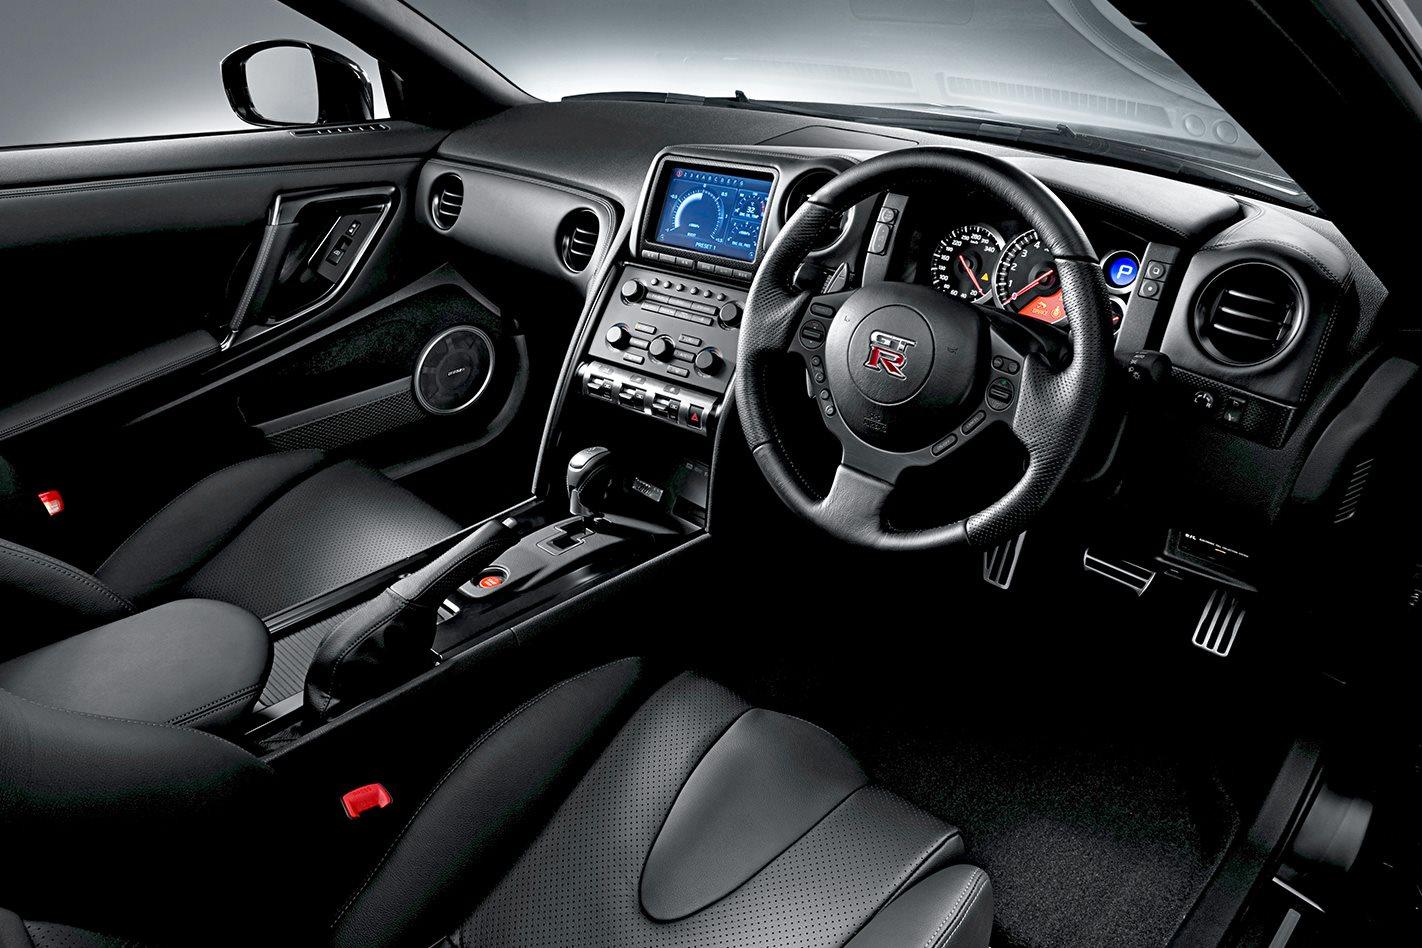 Nissan-GT-R-Spec-V-interior.jpg